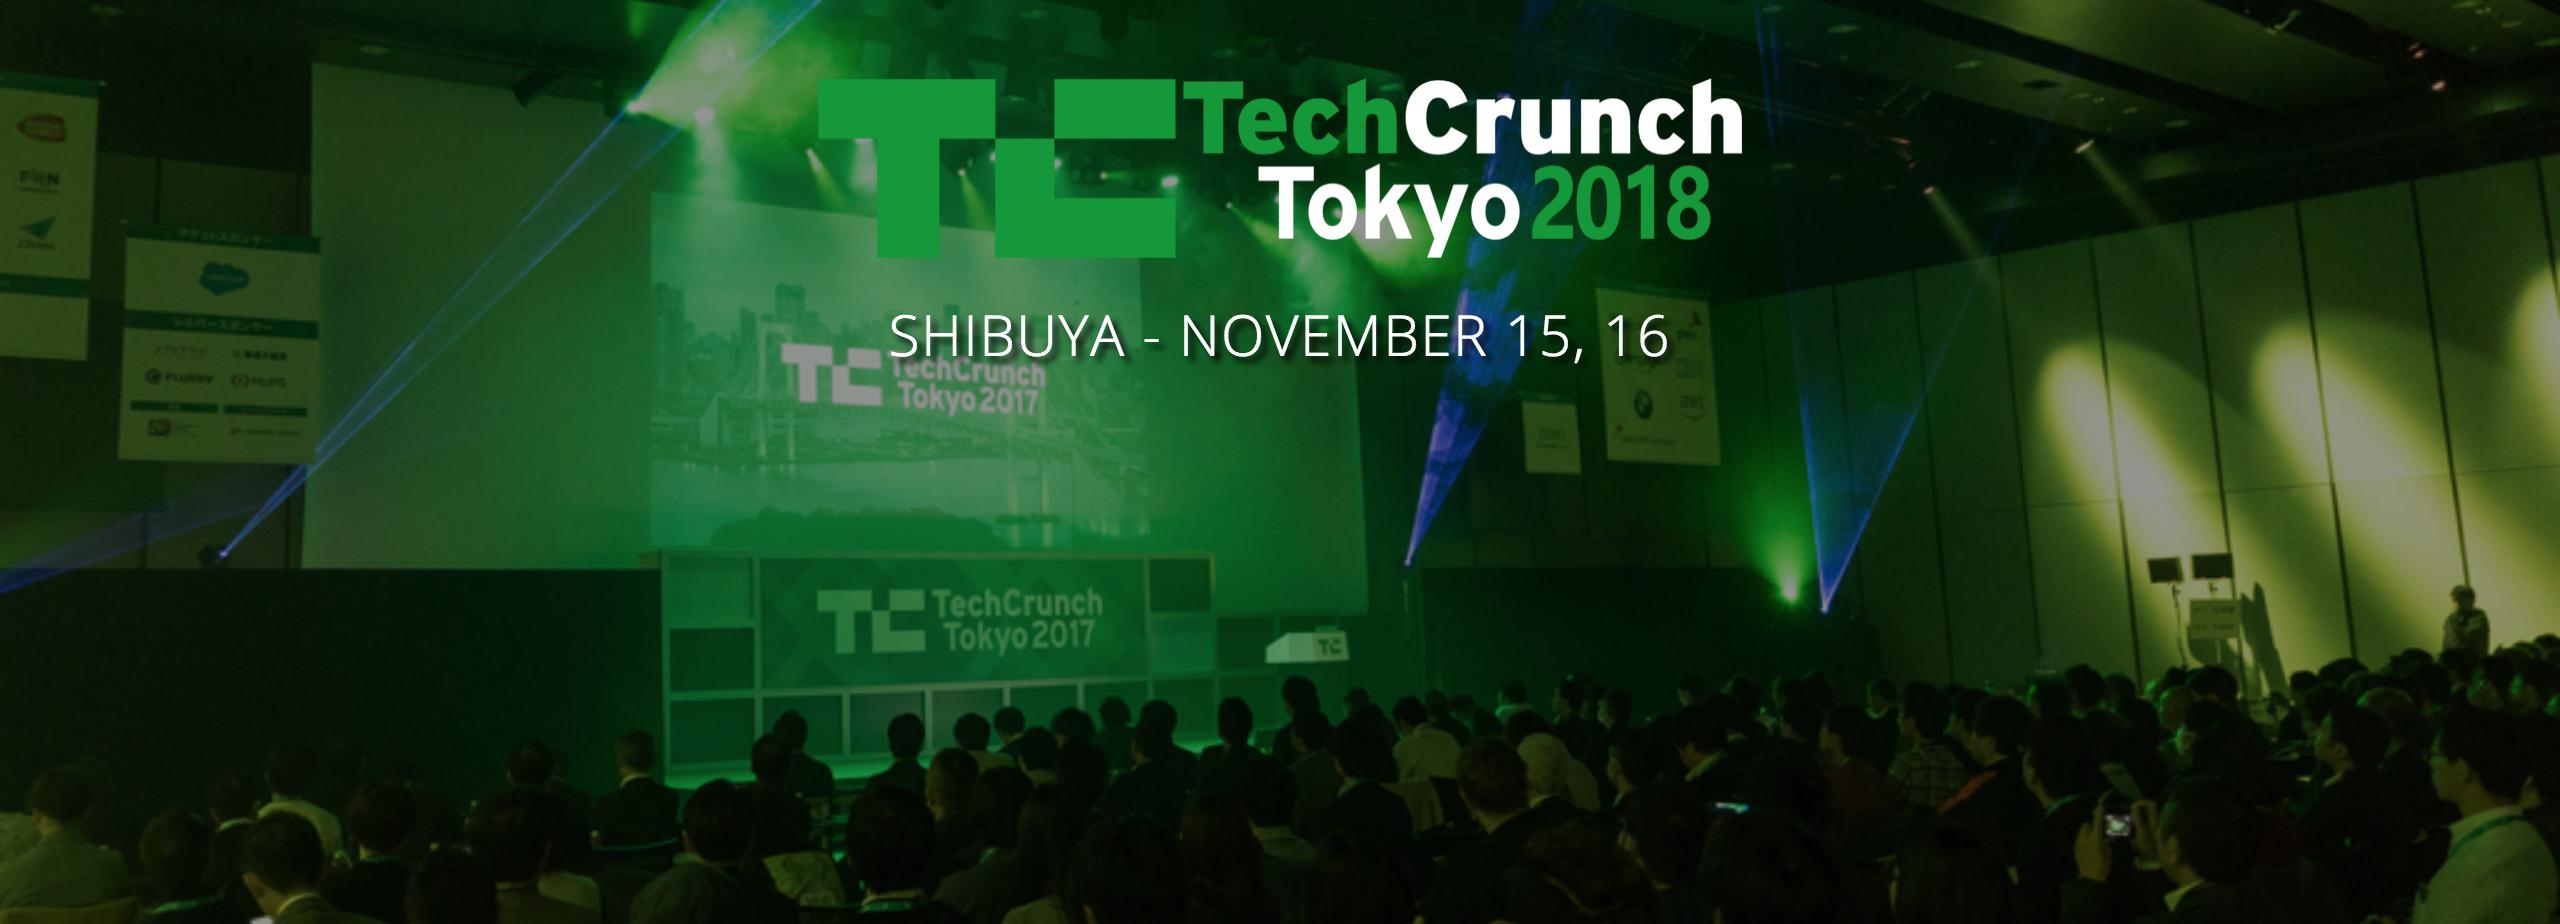 【体験記】TechCrunch Tokyo 2018で見た、フリーランスの働き方を変える(かもしれない)新サービス